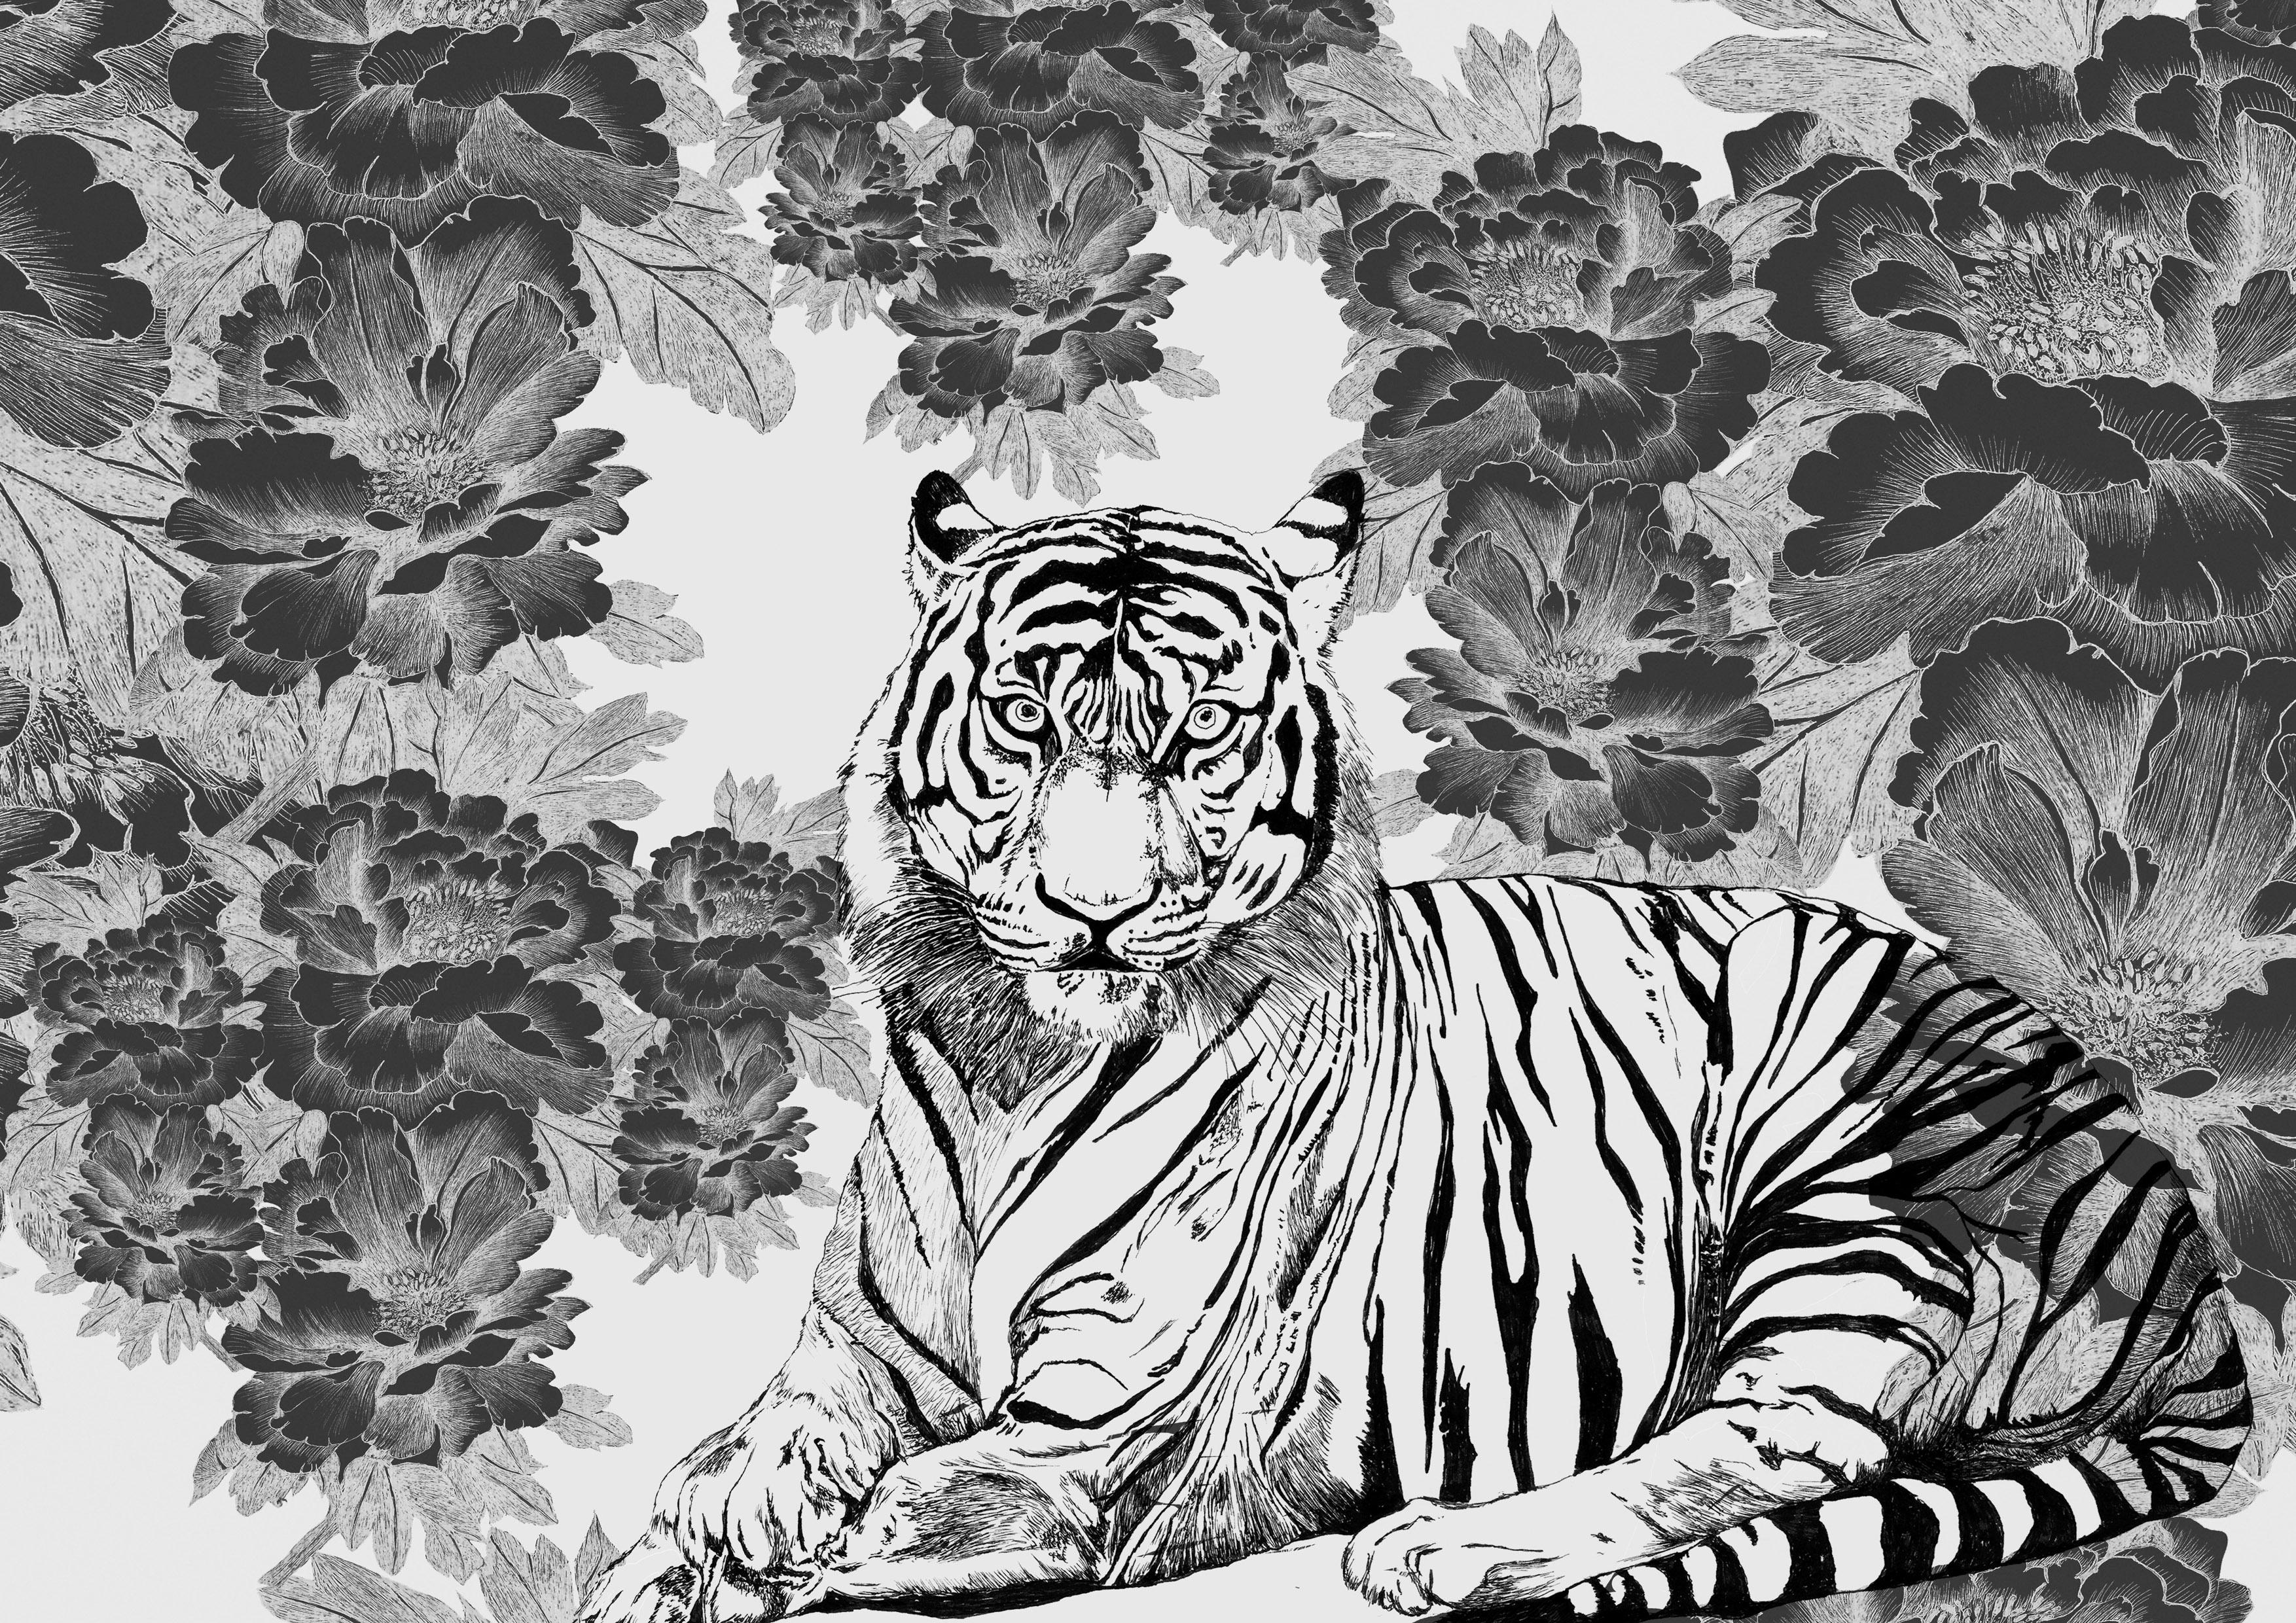 tigris nero franck auguste pitoiset tous